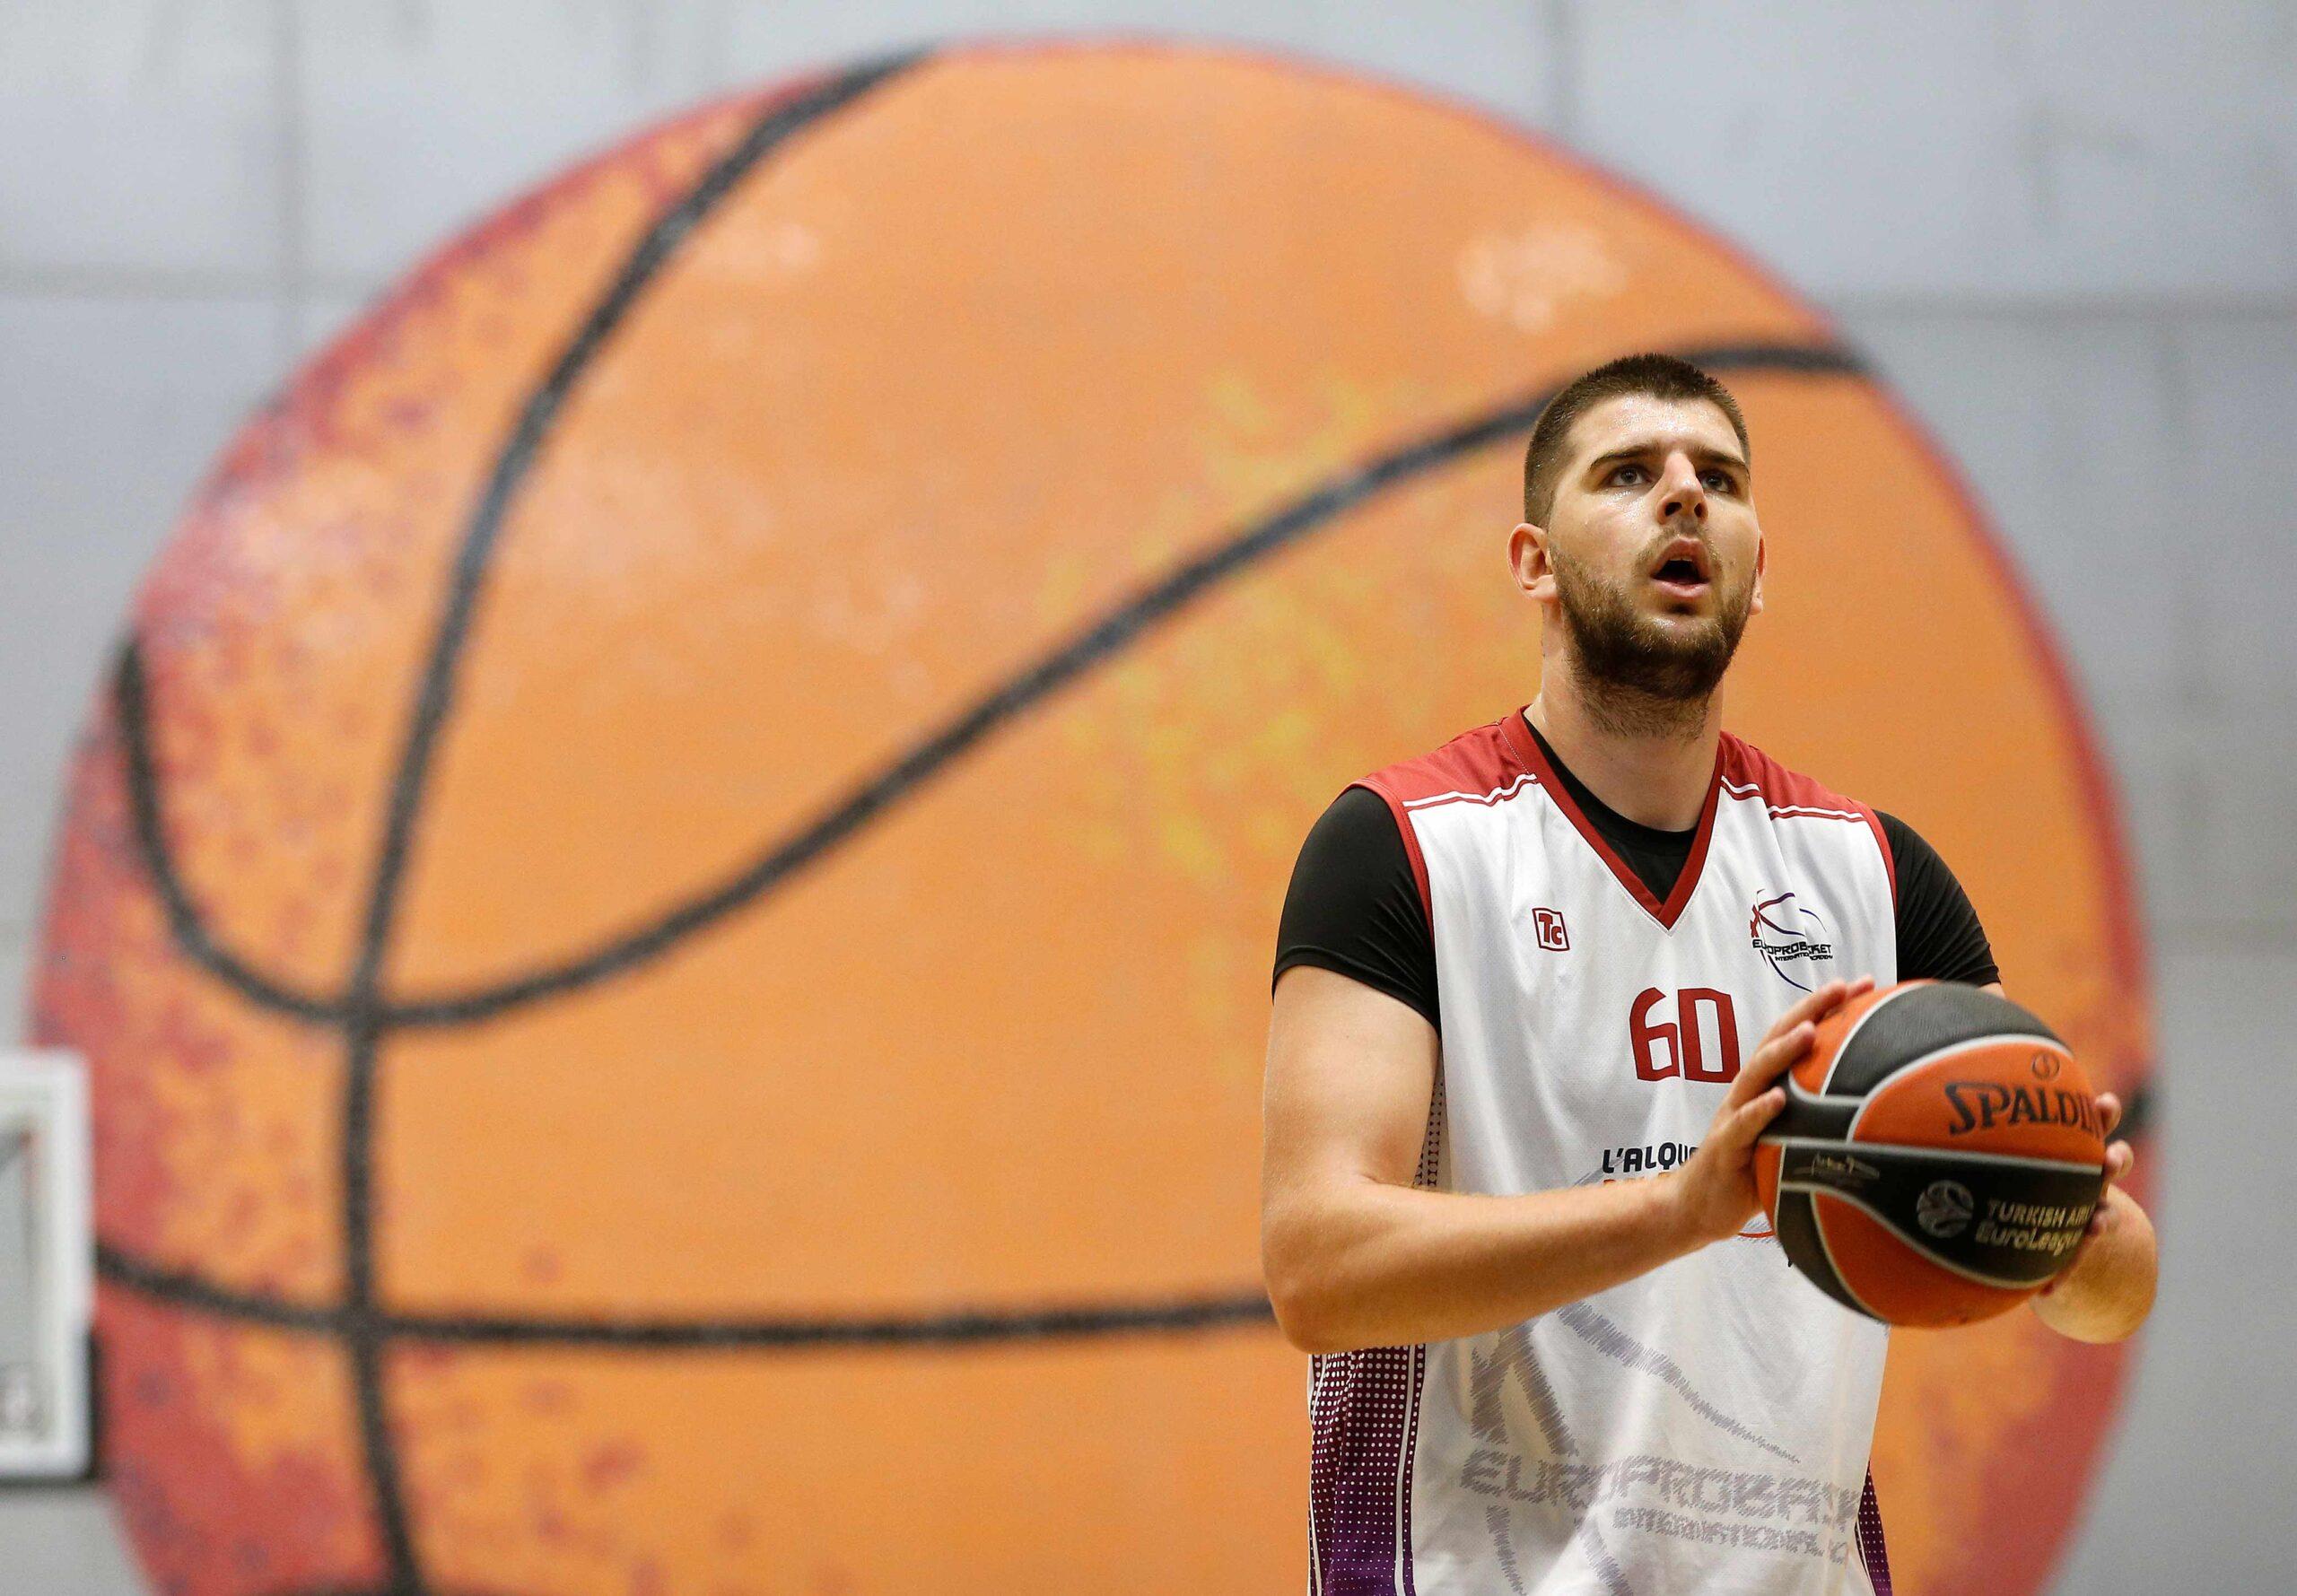 Milan Pavlovic EuroProBasket Spain